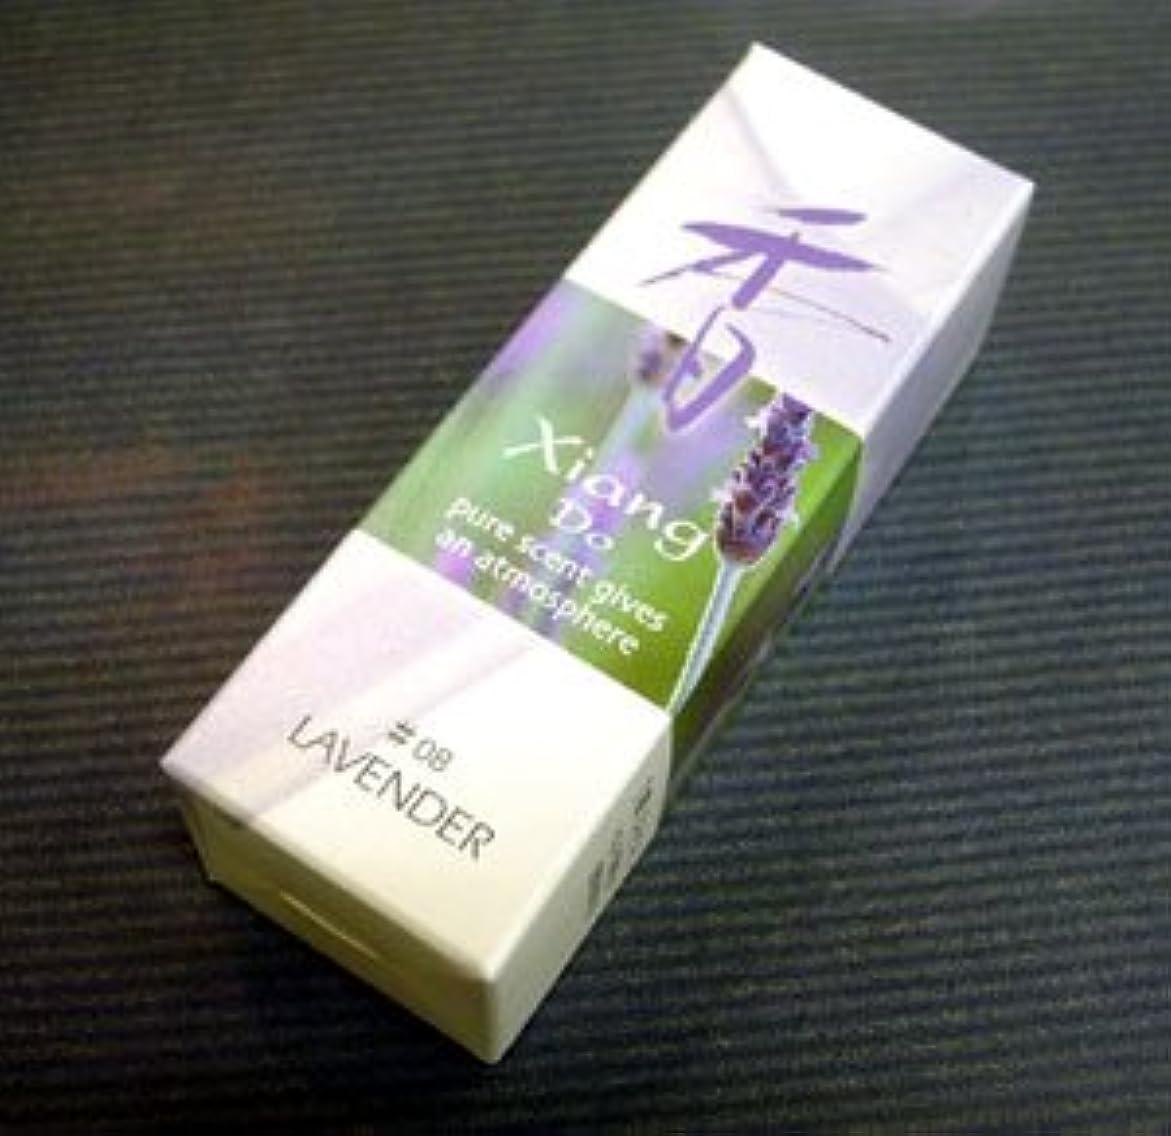 国勢調査ジュラシックパーク現代心やすらぐ香りはいかがですか 松栄堂【Xiang Do ラベンダー】スティック 【お香】